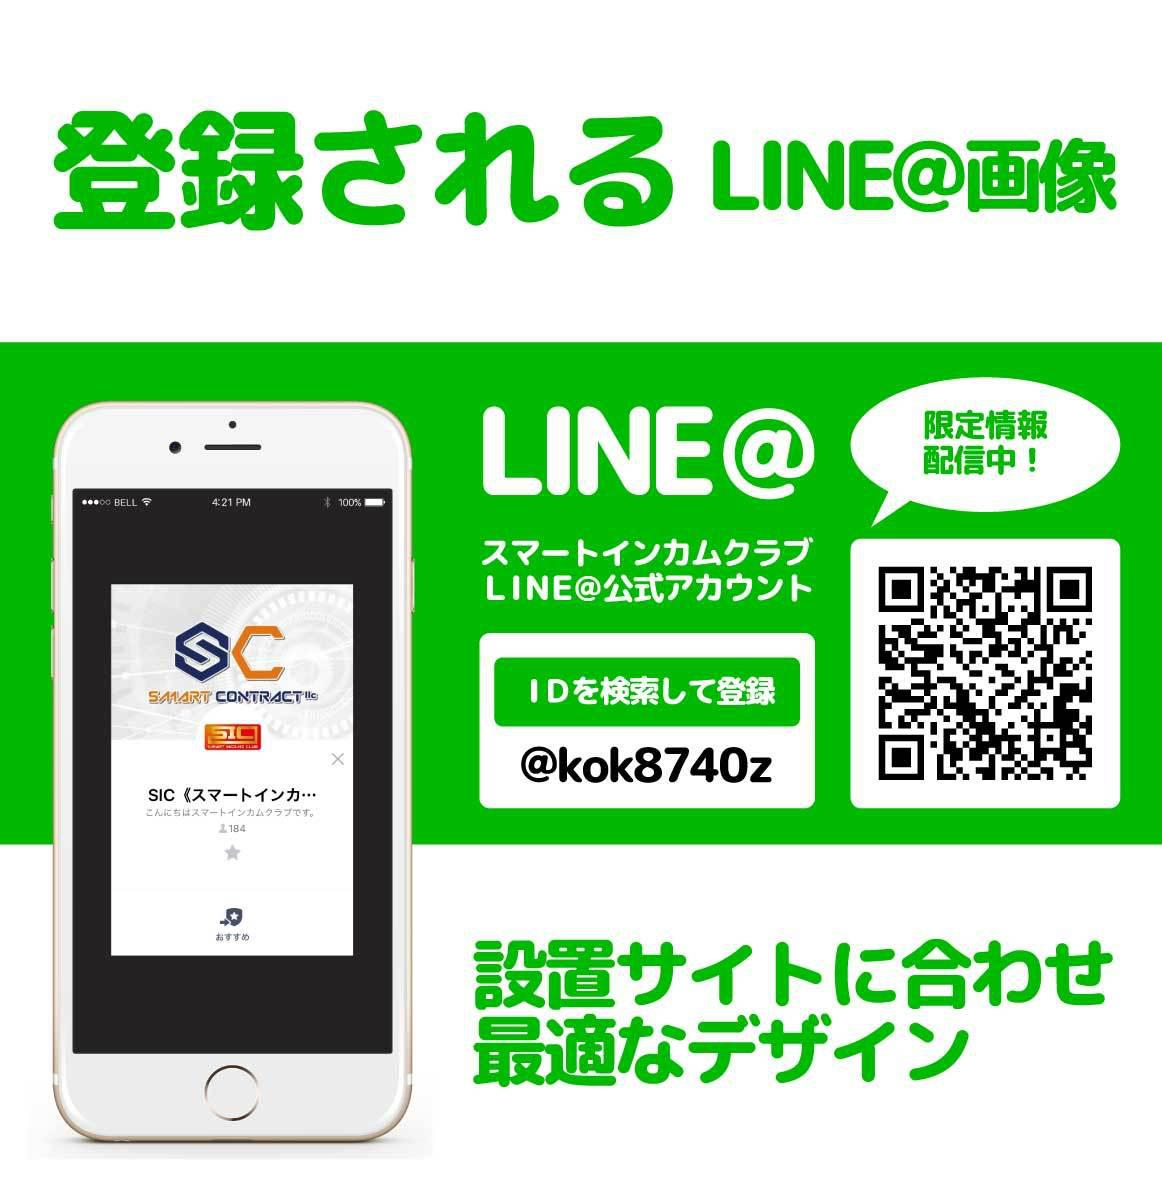 登録されるLINE@画像デザインします 企業イメージをワンランクアップ。洗練されたLINE@登録画像